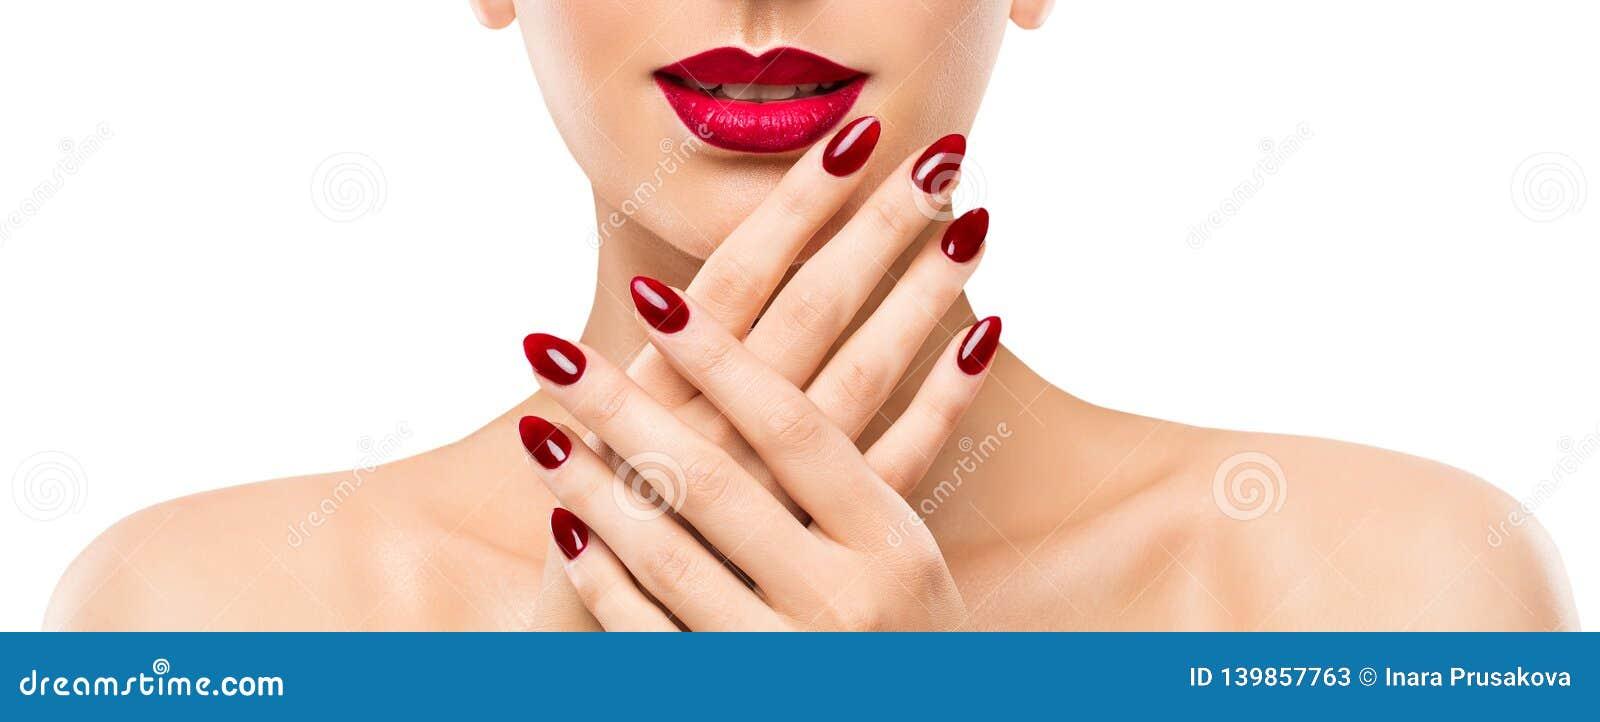 Unghie delle labbra di bellezza della donna, bello modello Face Lipstick Makeup, manicure rosso polacco